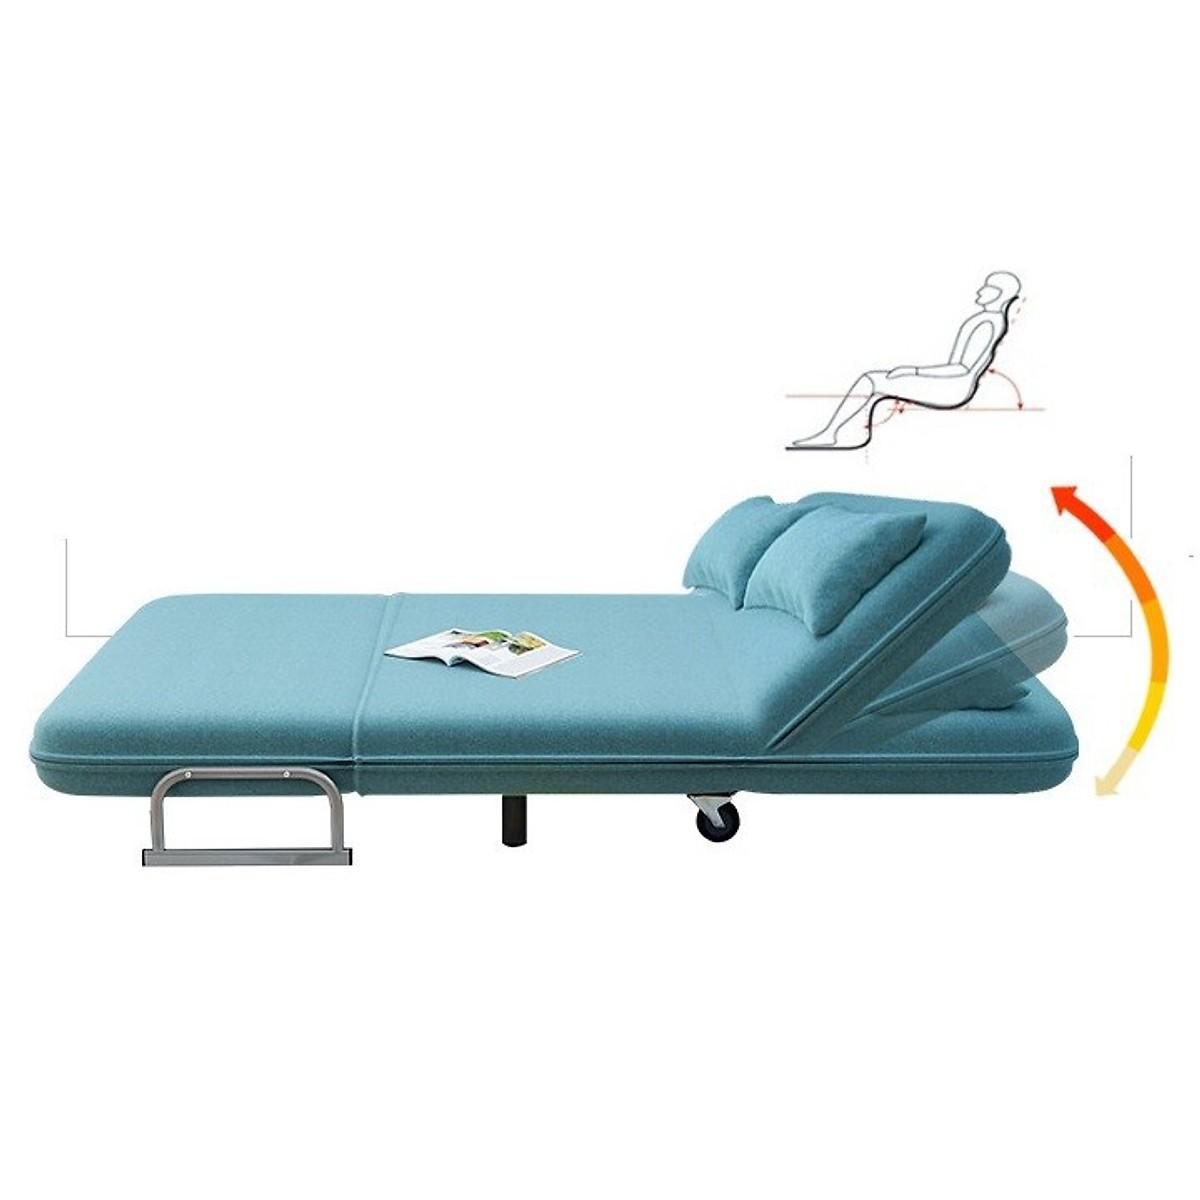 Ghế giường sofa 1m5x2m